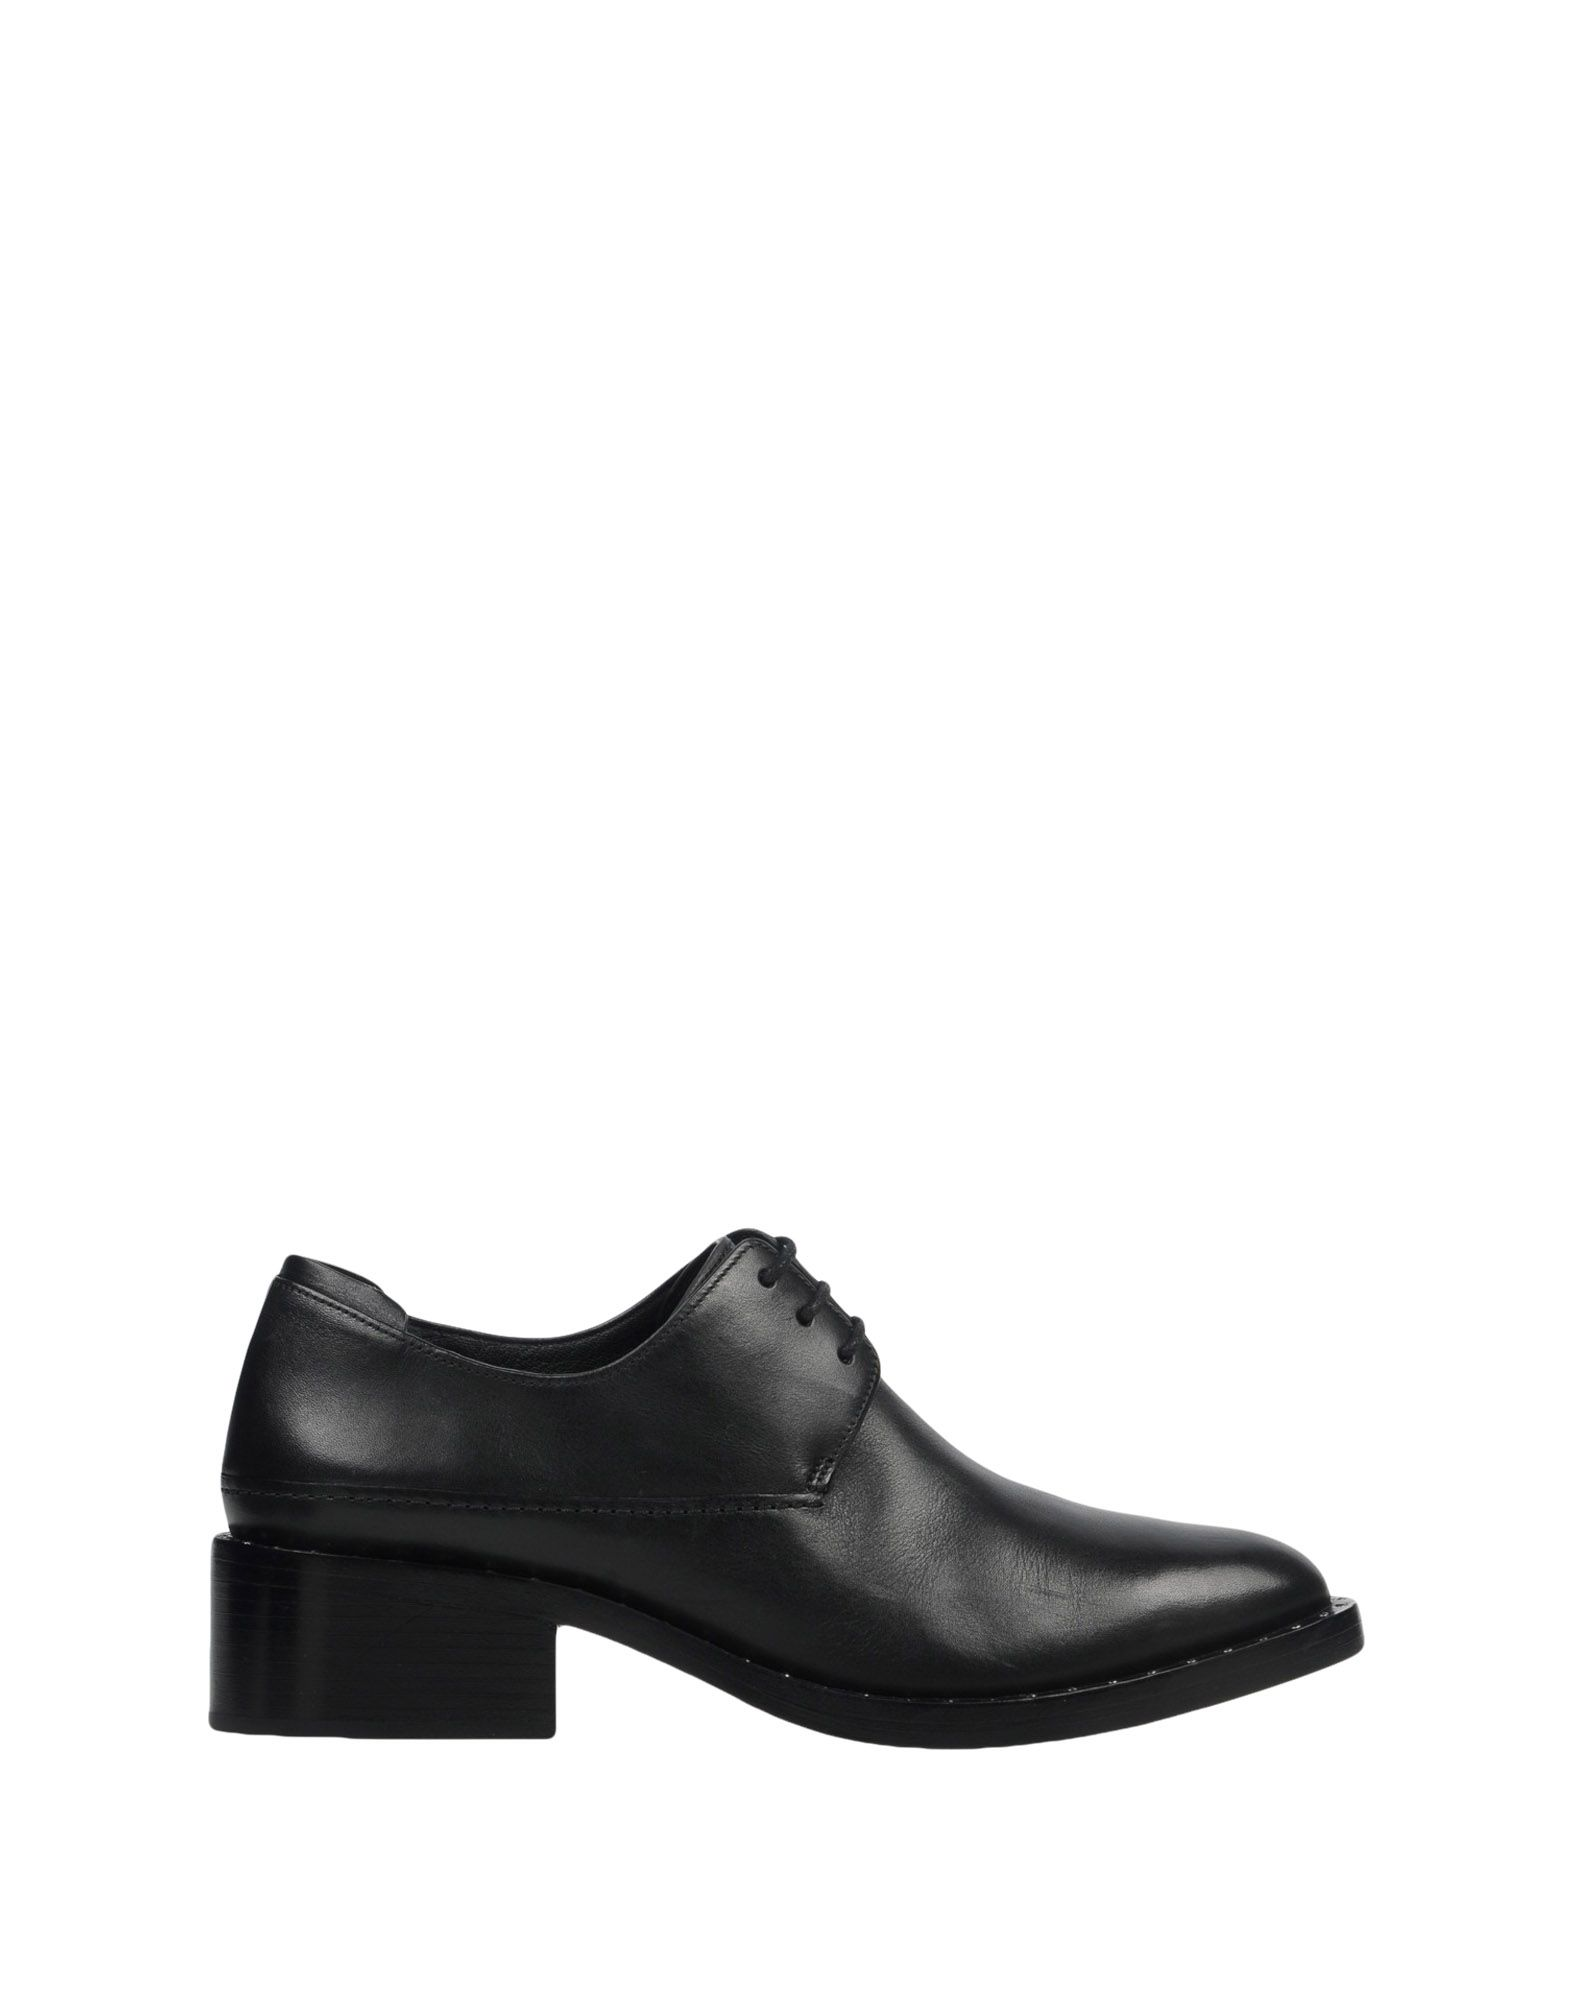 3.1 Phillip Lim Schnürschuhe Damen  11423877EWGut aussehende strapazierfähige Schuhe